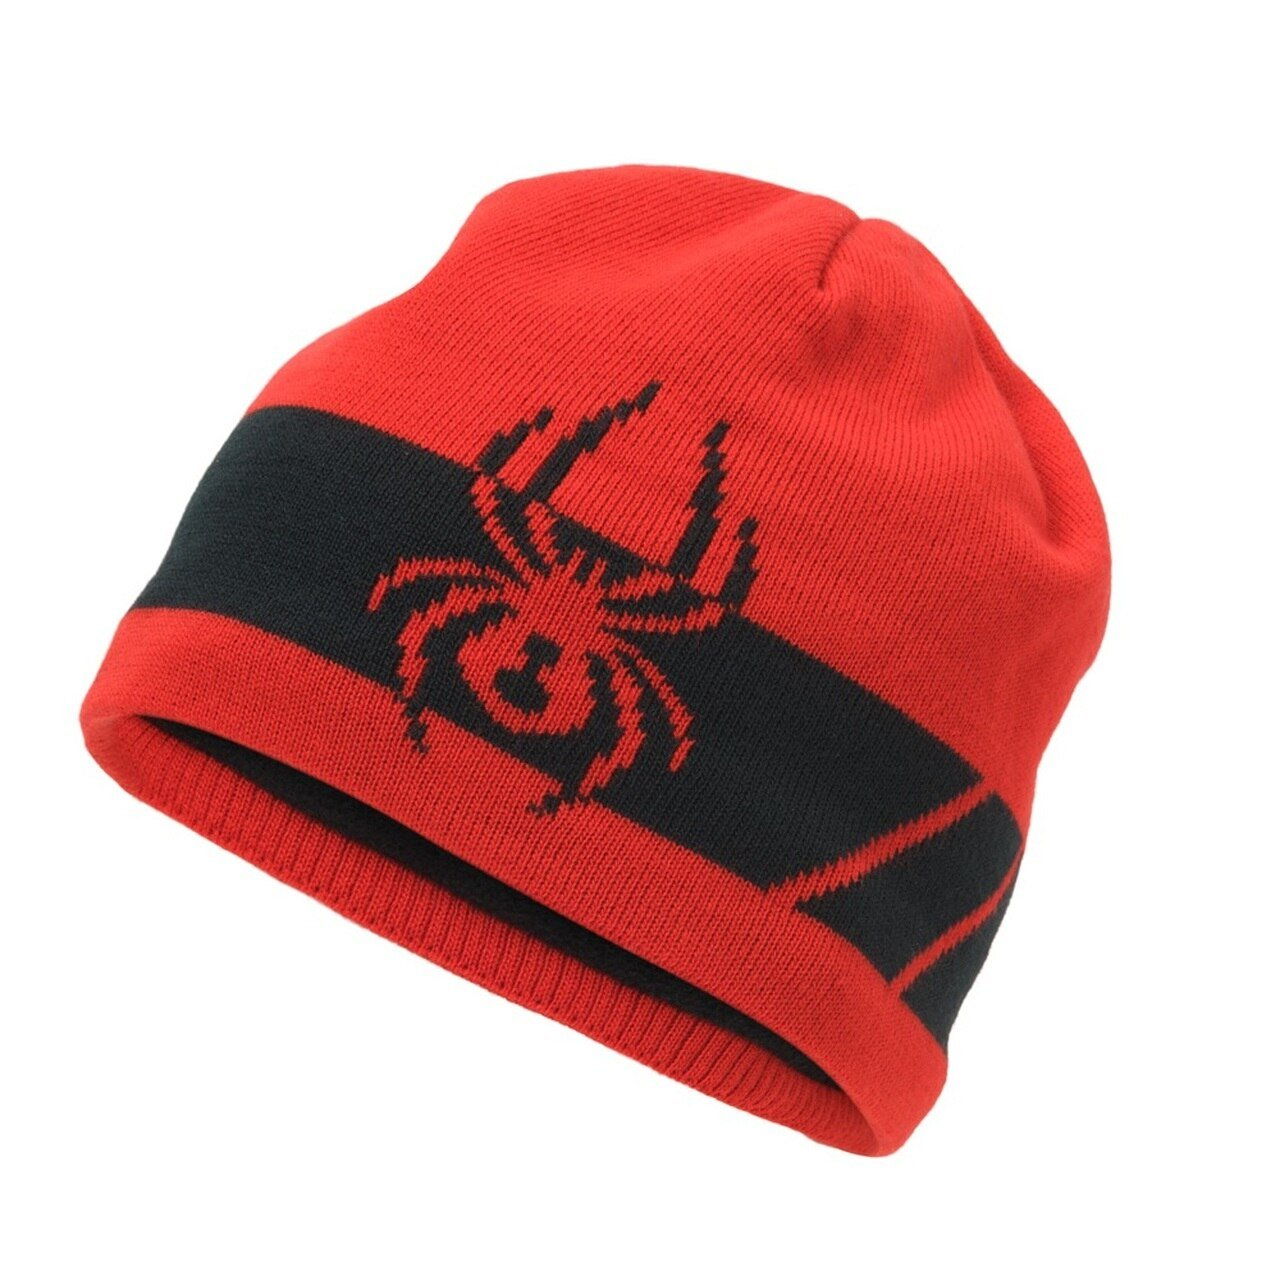 2019/20 Spyder M Shelby Hat